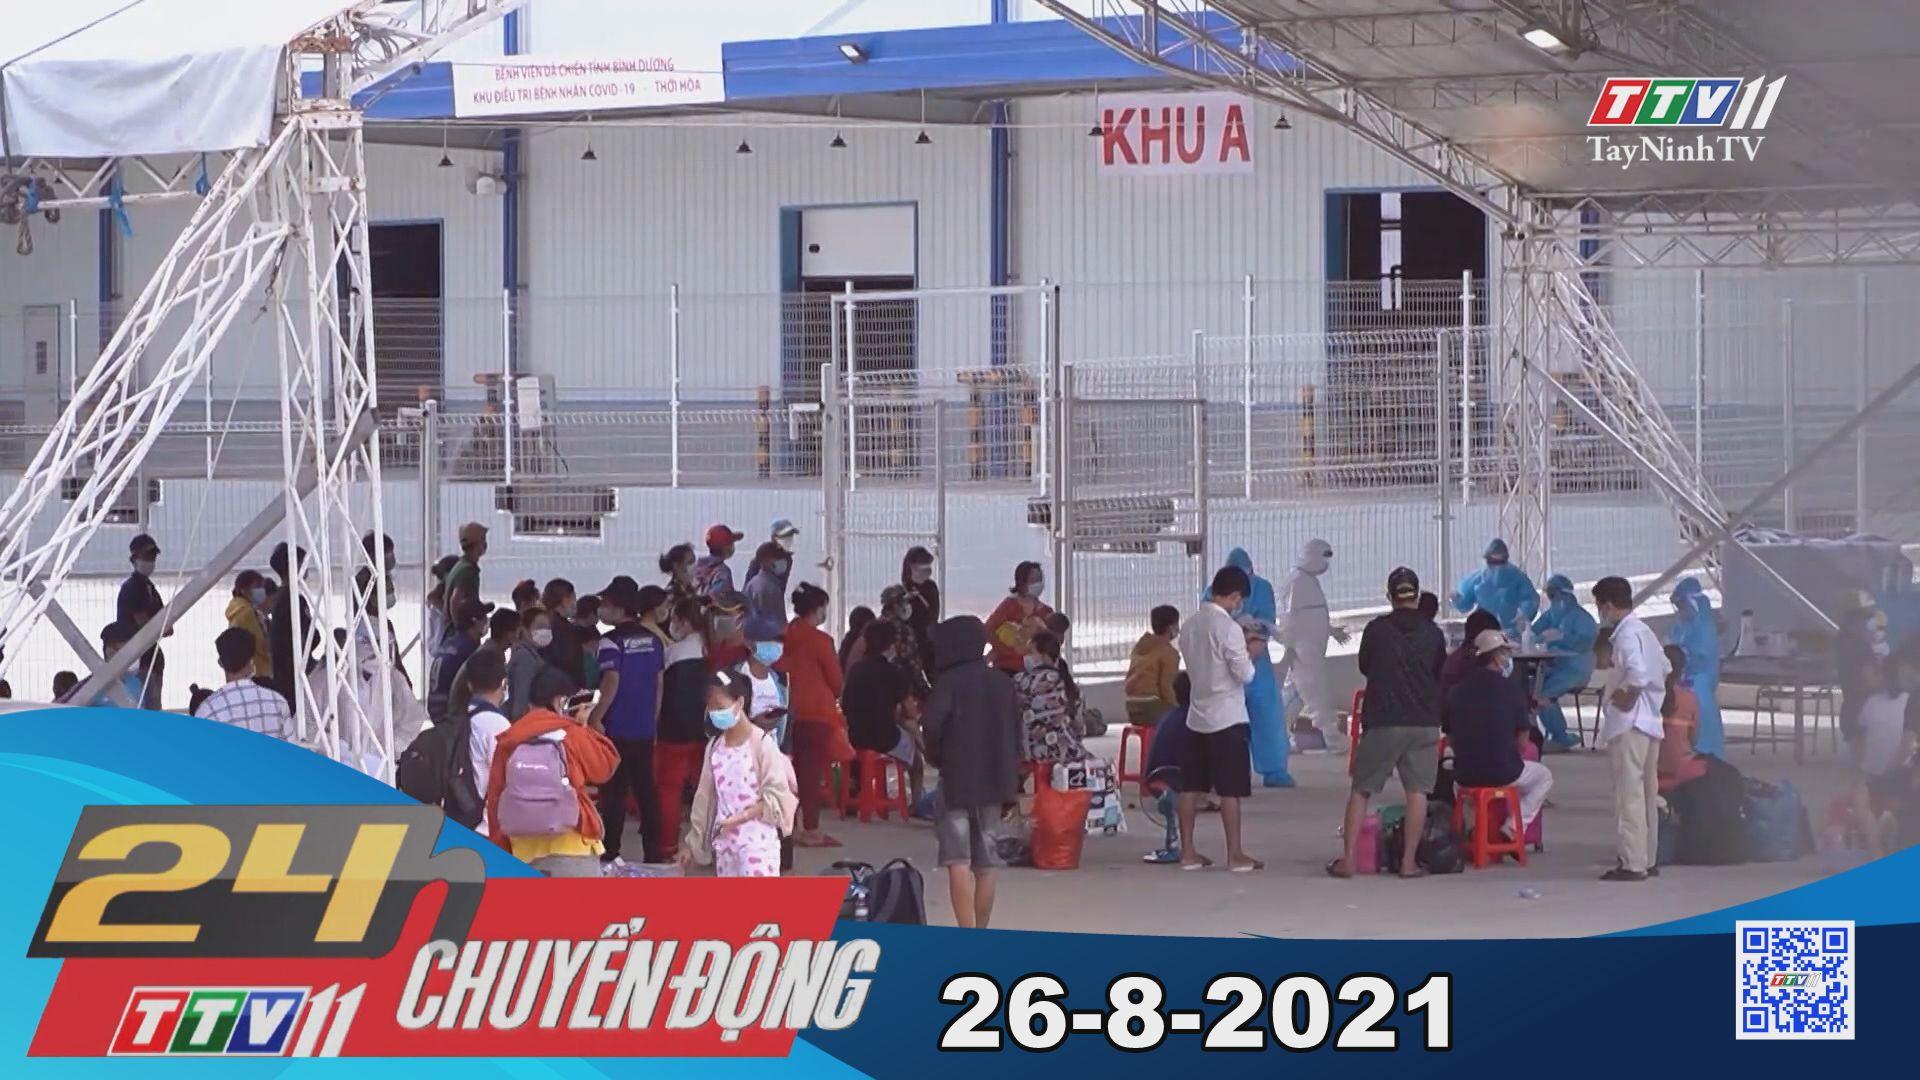 24h Chuyển động 26-8-2021 | Tin tức hôm nay | TayNinhTV